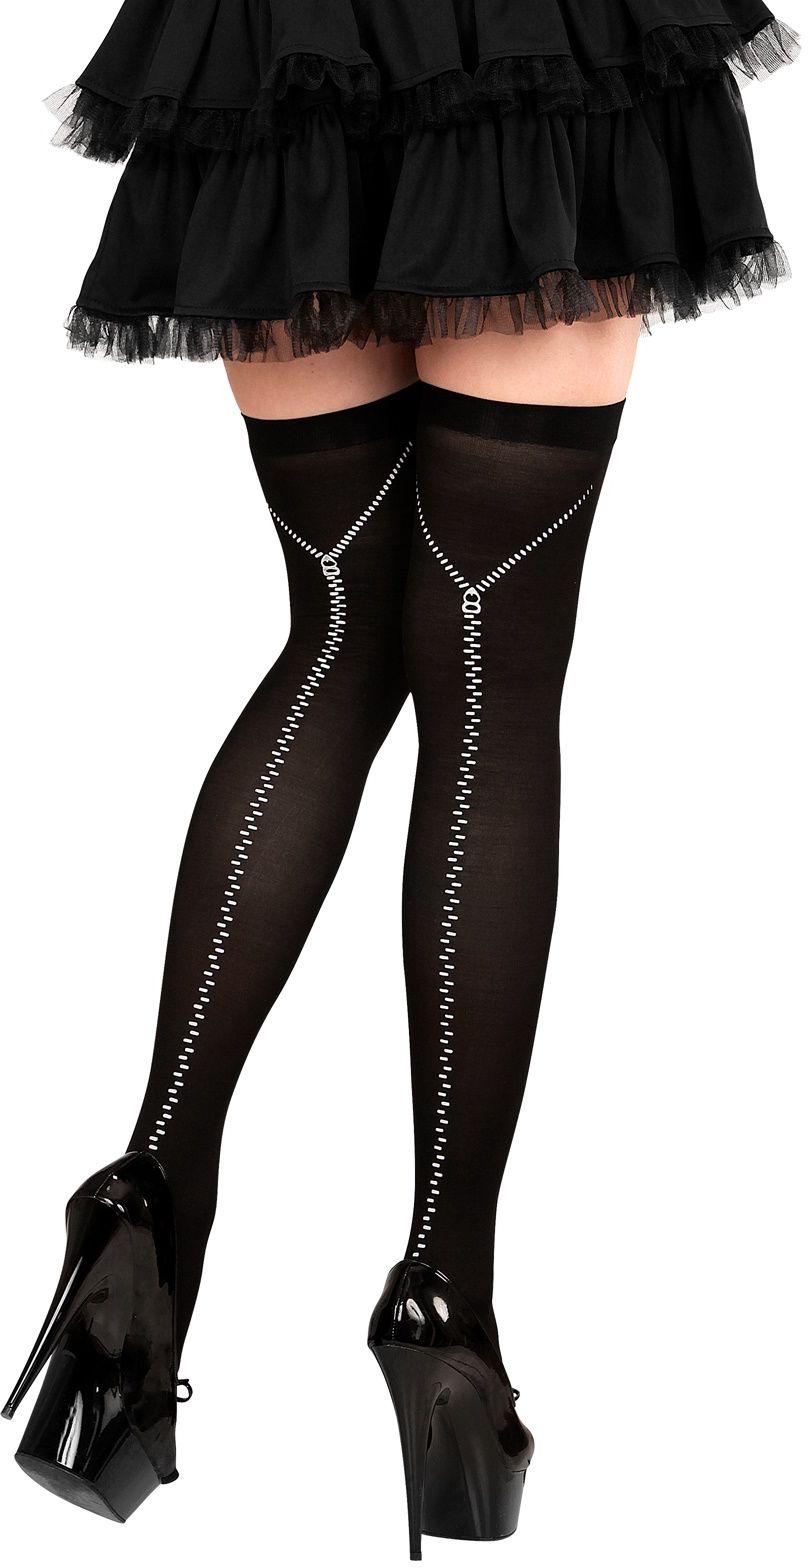 Zwarte rits thigh high kousen